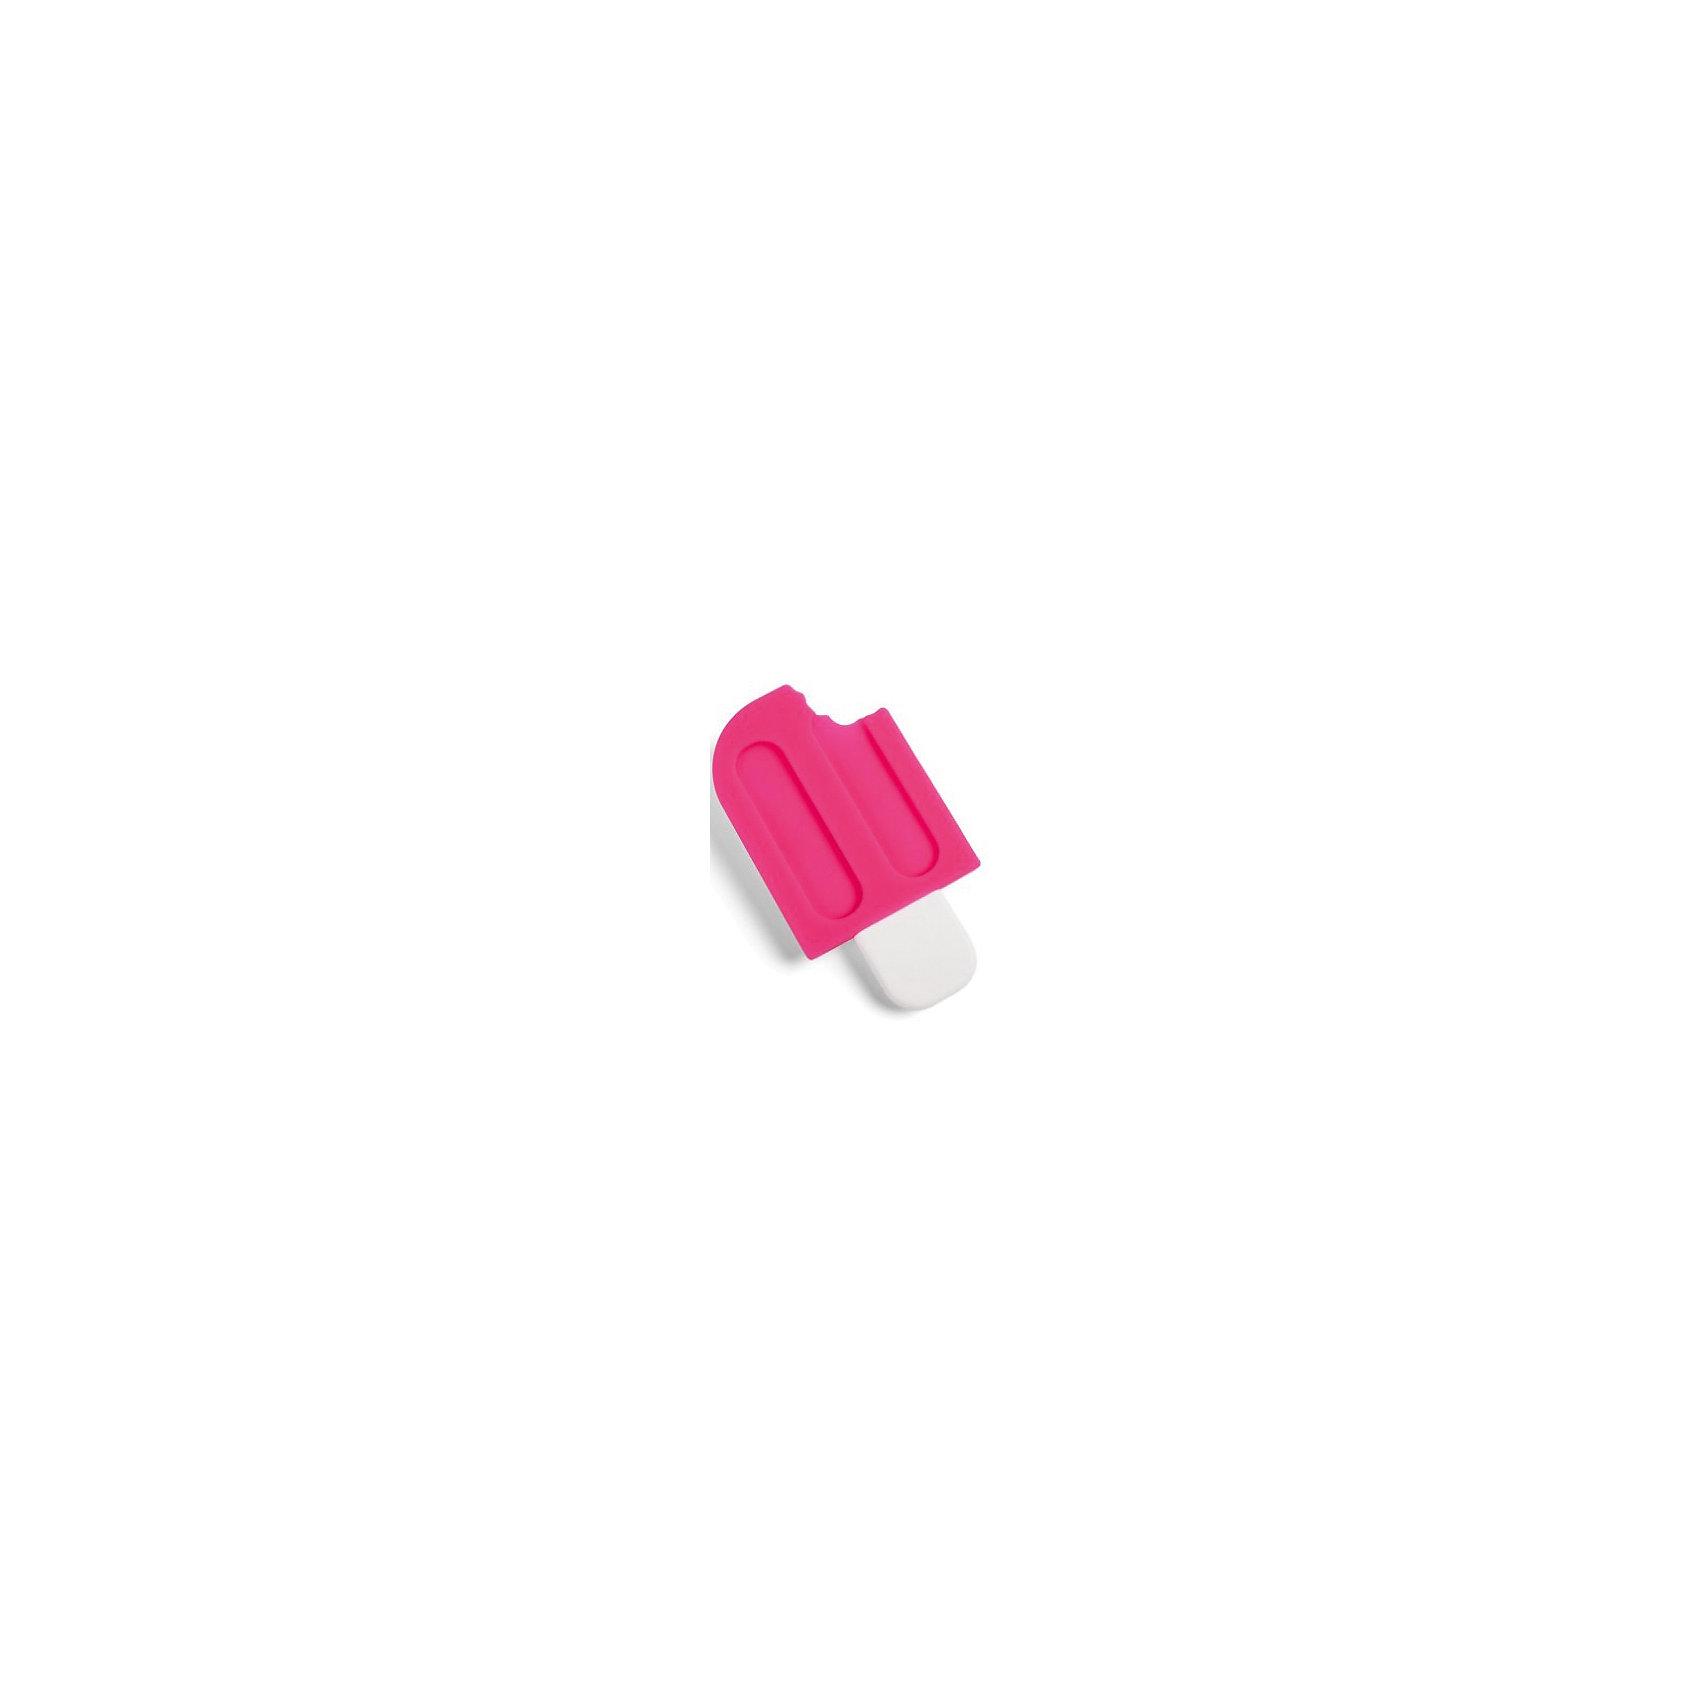 Прорезыватель Cool Pop Teether, Gamago, розовыйПрорезыватели<br>Прорезыватель Cool Pop Teether, Gamago, розовый.<br><br>Характеристики:<br>• не содержит бисфенол-А <br>• успокаивает десны при прорезывании зубов <br>• удобная форма для детской ручки<br>• необычный дизайн <br>• материал: 100% силикон<br>• размер: 19х9 см<br>• цвет: розовый<br><br>Прорезыватель Cool Pop Teether, Gamago напомнит вам о жарких летних днях, ведь он выполнен в форме мороженое, кусочек которого, кажется, кто-то откусил. Прорезыватель изготовлен из качественных материалов, не содержит бисфенол-А и полностью безопасен для крохи. Удобная форма прорезывателя позволит малышу держать его самостоятельно. Позаботьтесь о деснах крохи с необычным прорезывателем!<br><br>Прорезыватель Cool Pop Teether, Gamago, розовый вы можете купить в нашем интернет-магазине.<br><br>Ширина мм: 90<br>Глубина мм: 100<br>Высота мм: 180<br>Вес г: 38<br>Возраст от месяцев: 3<br>Возраст до месяцев: 36<br>Пол: Женский<br>Возраст: Детский<br>SKU: 5068751